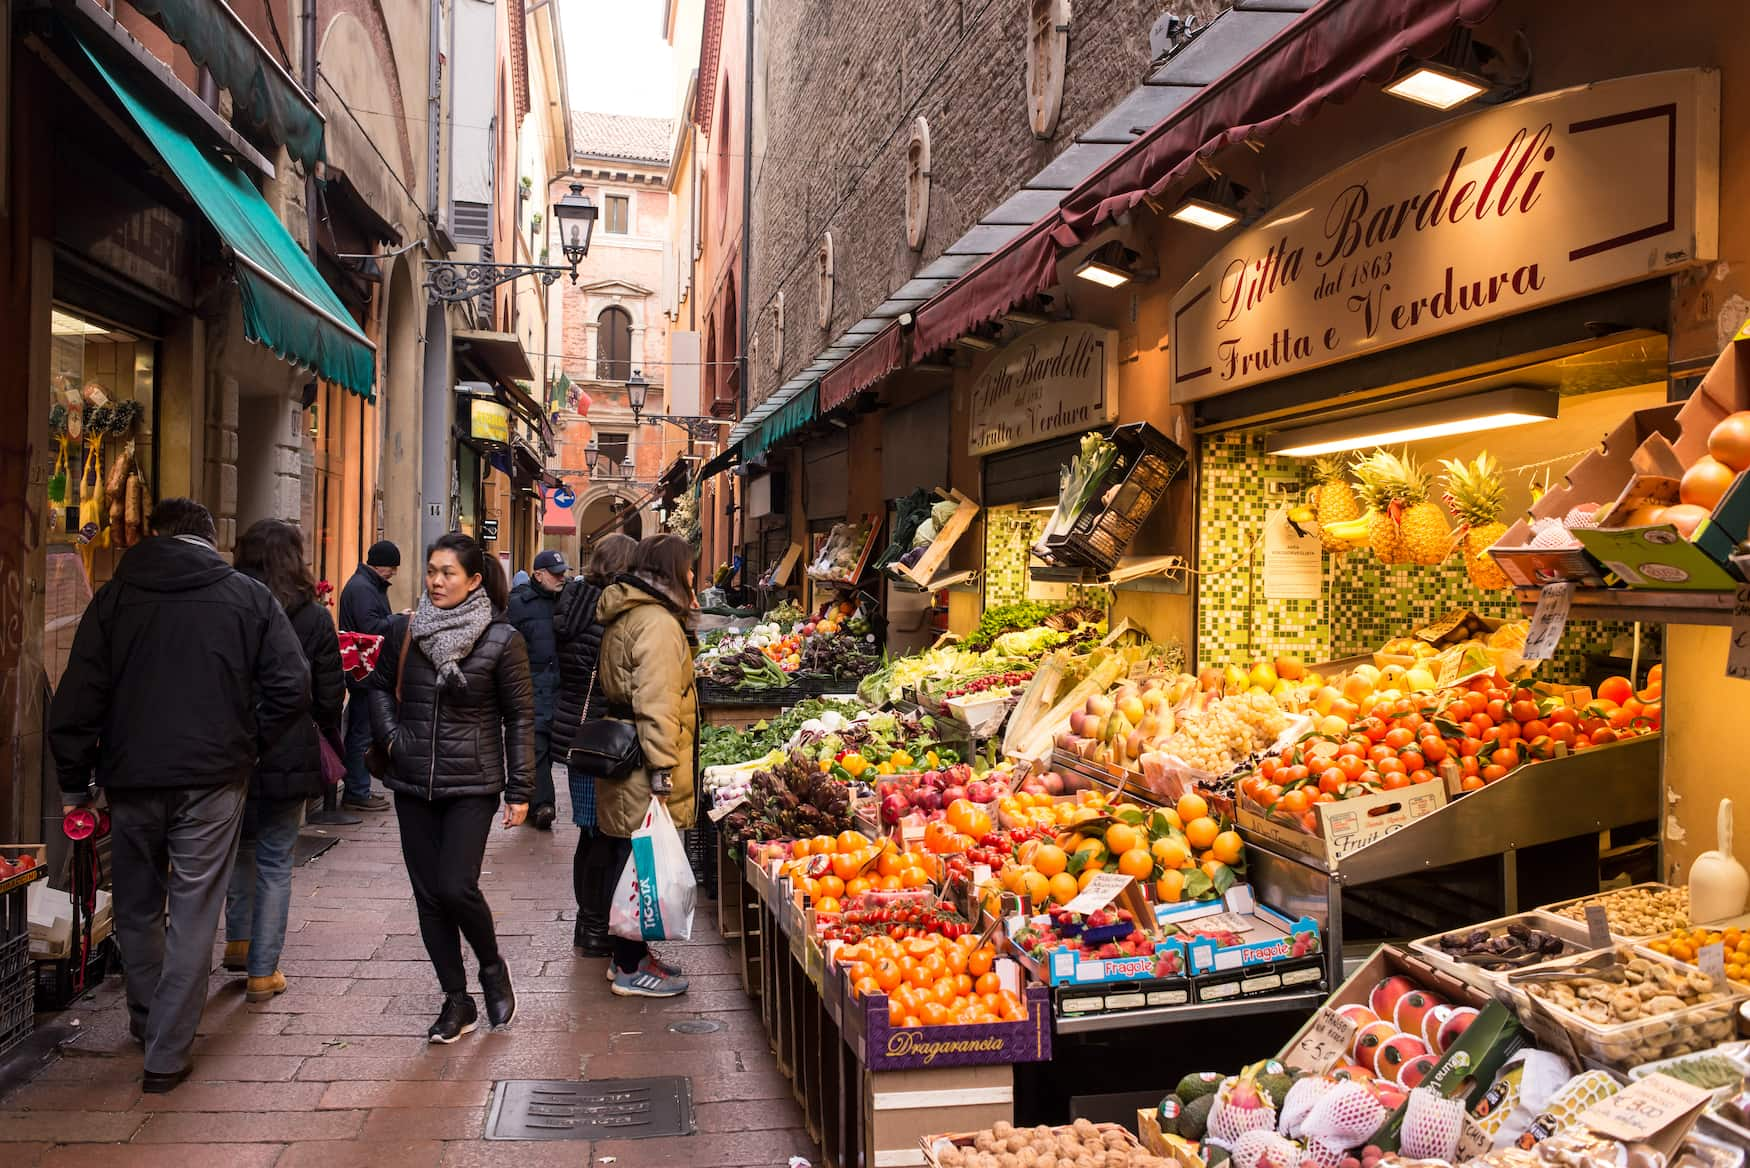 Foodstände in der Via Pescherie Vecchie in Bologna